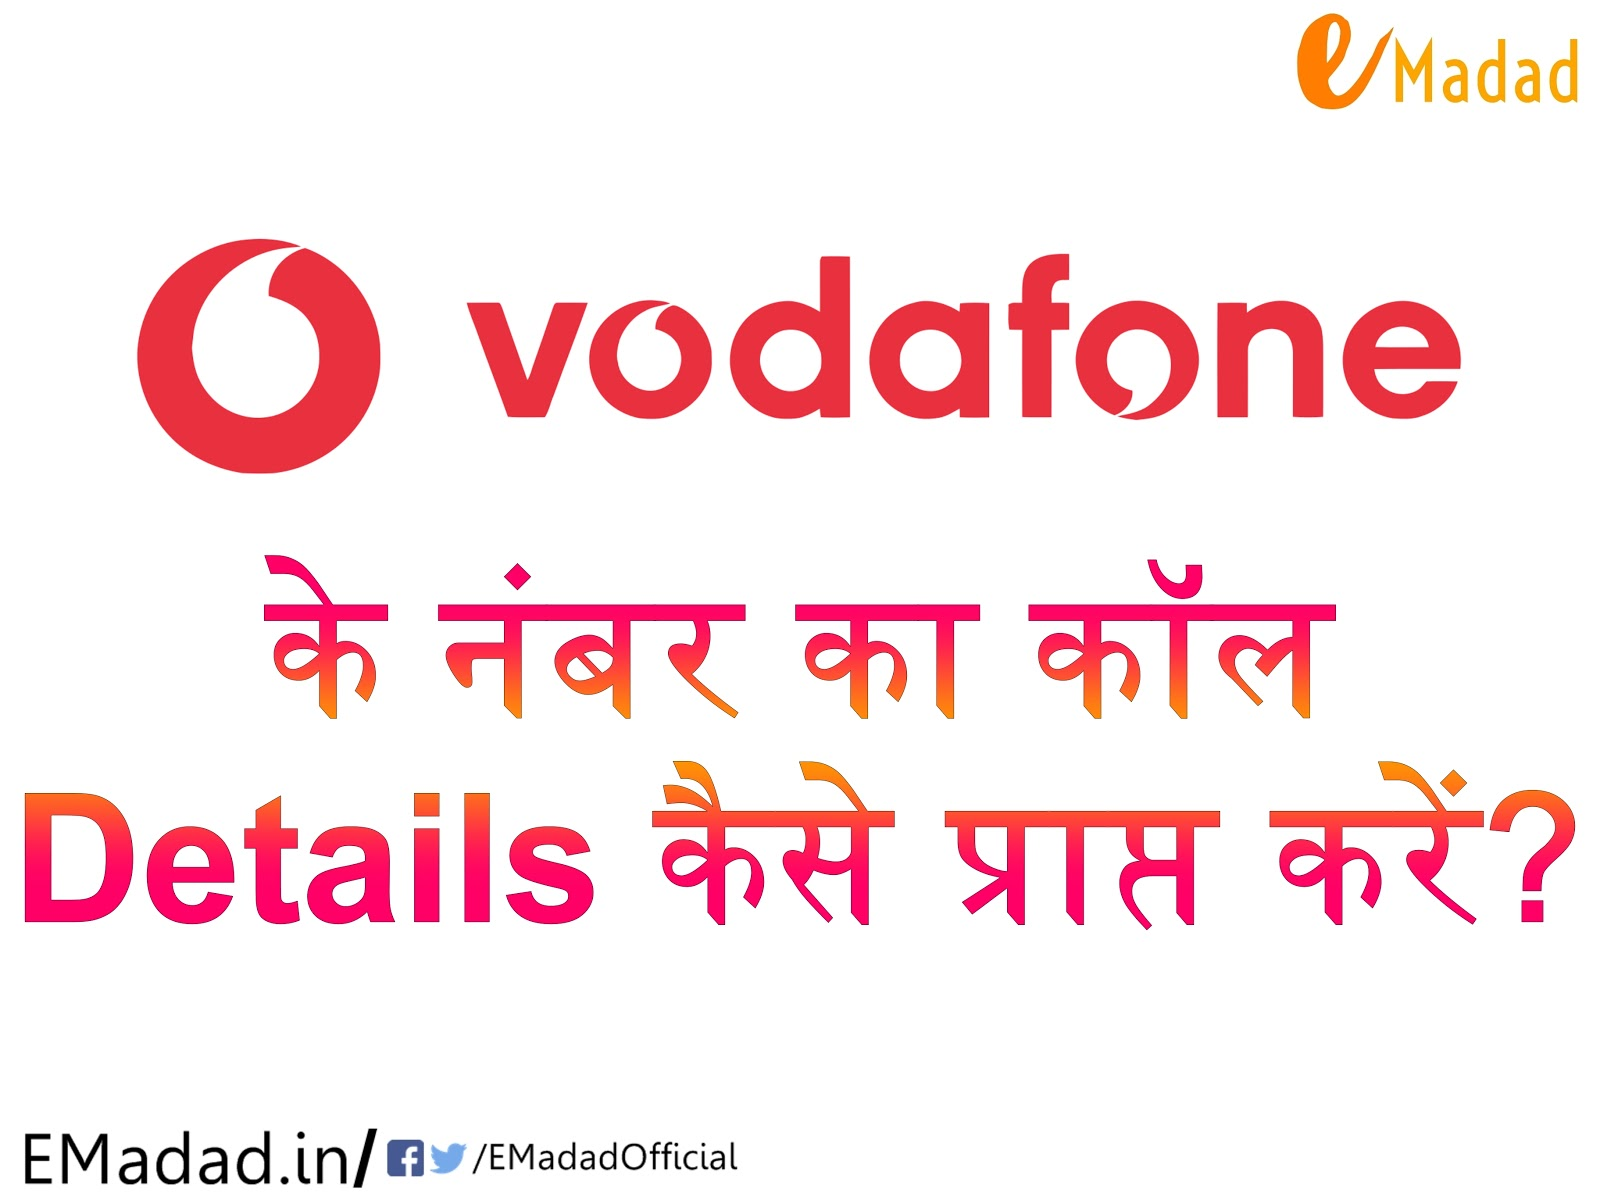 Vodafone के नंबर का कॉल Details कैसे प्राप्त करें?